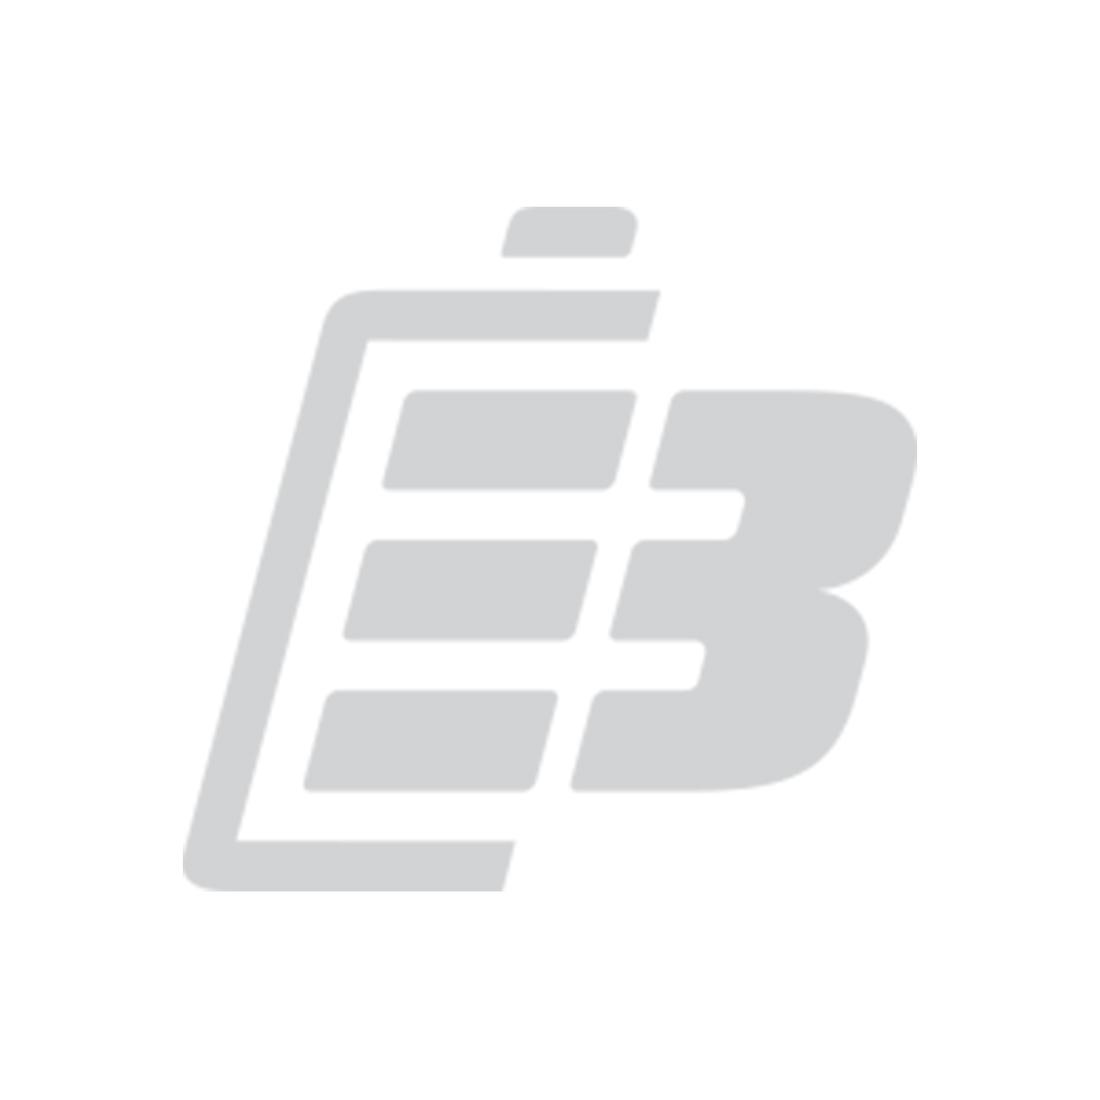 Smartphone battery Acer Liquid E2_1